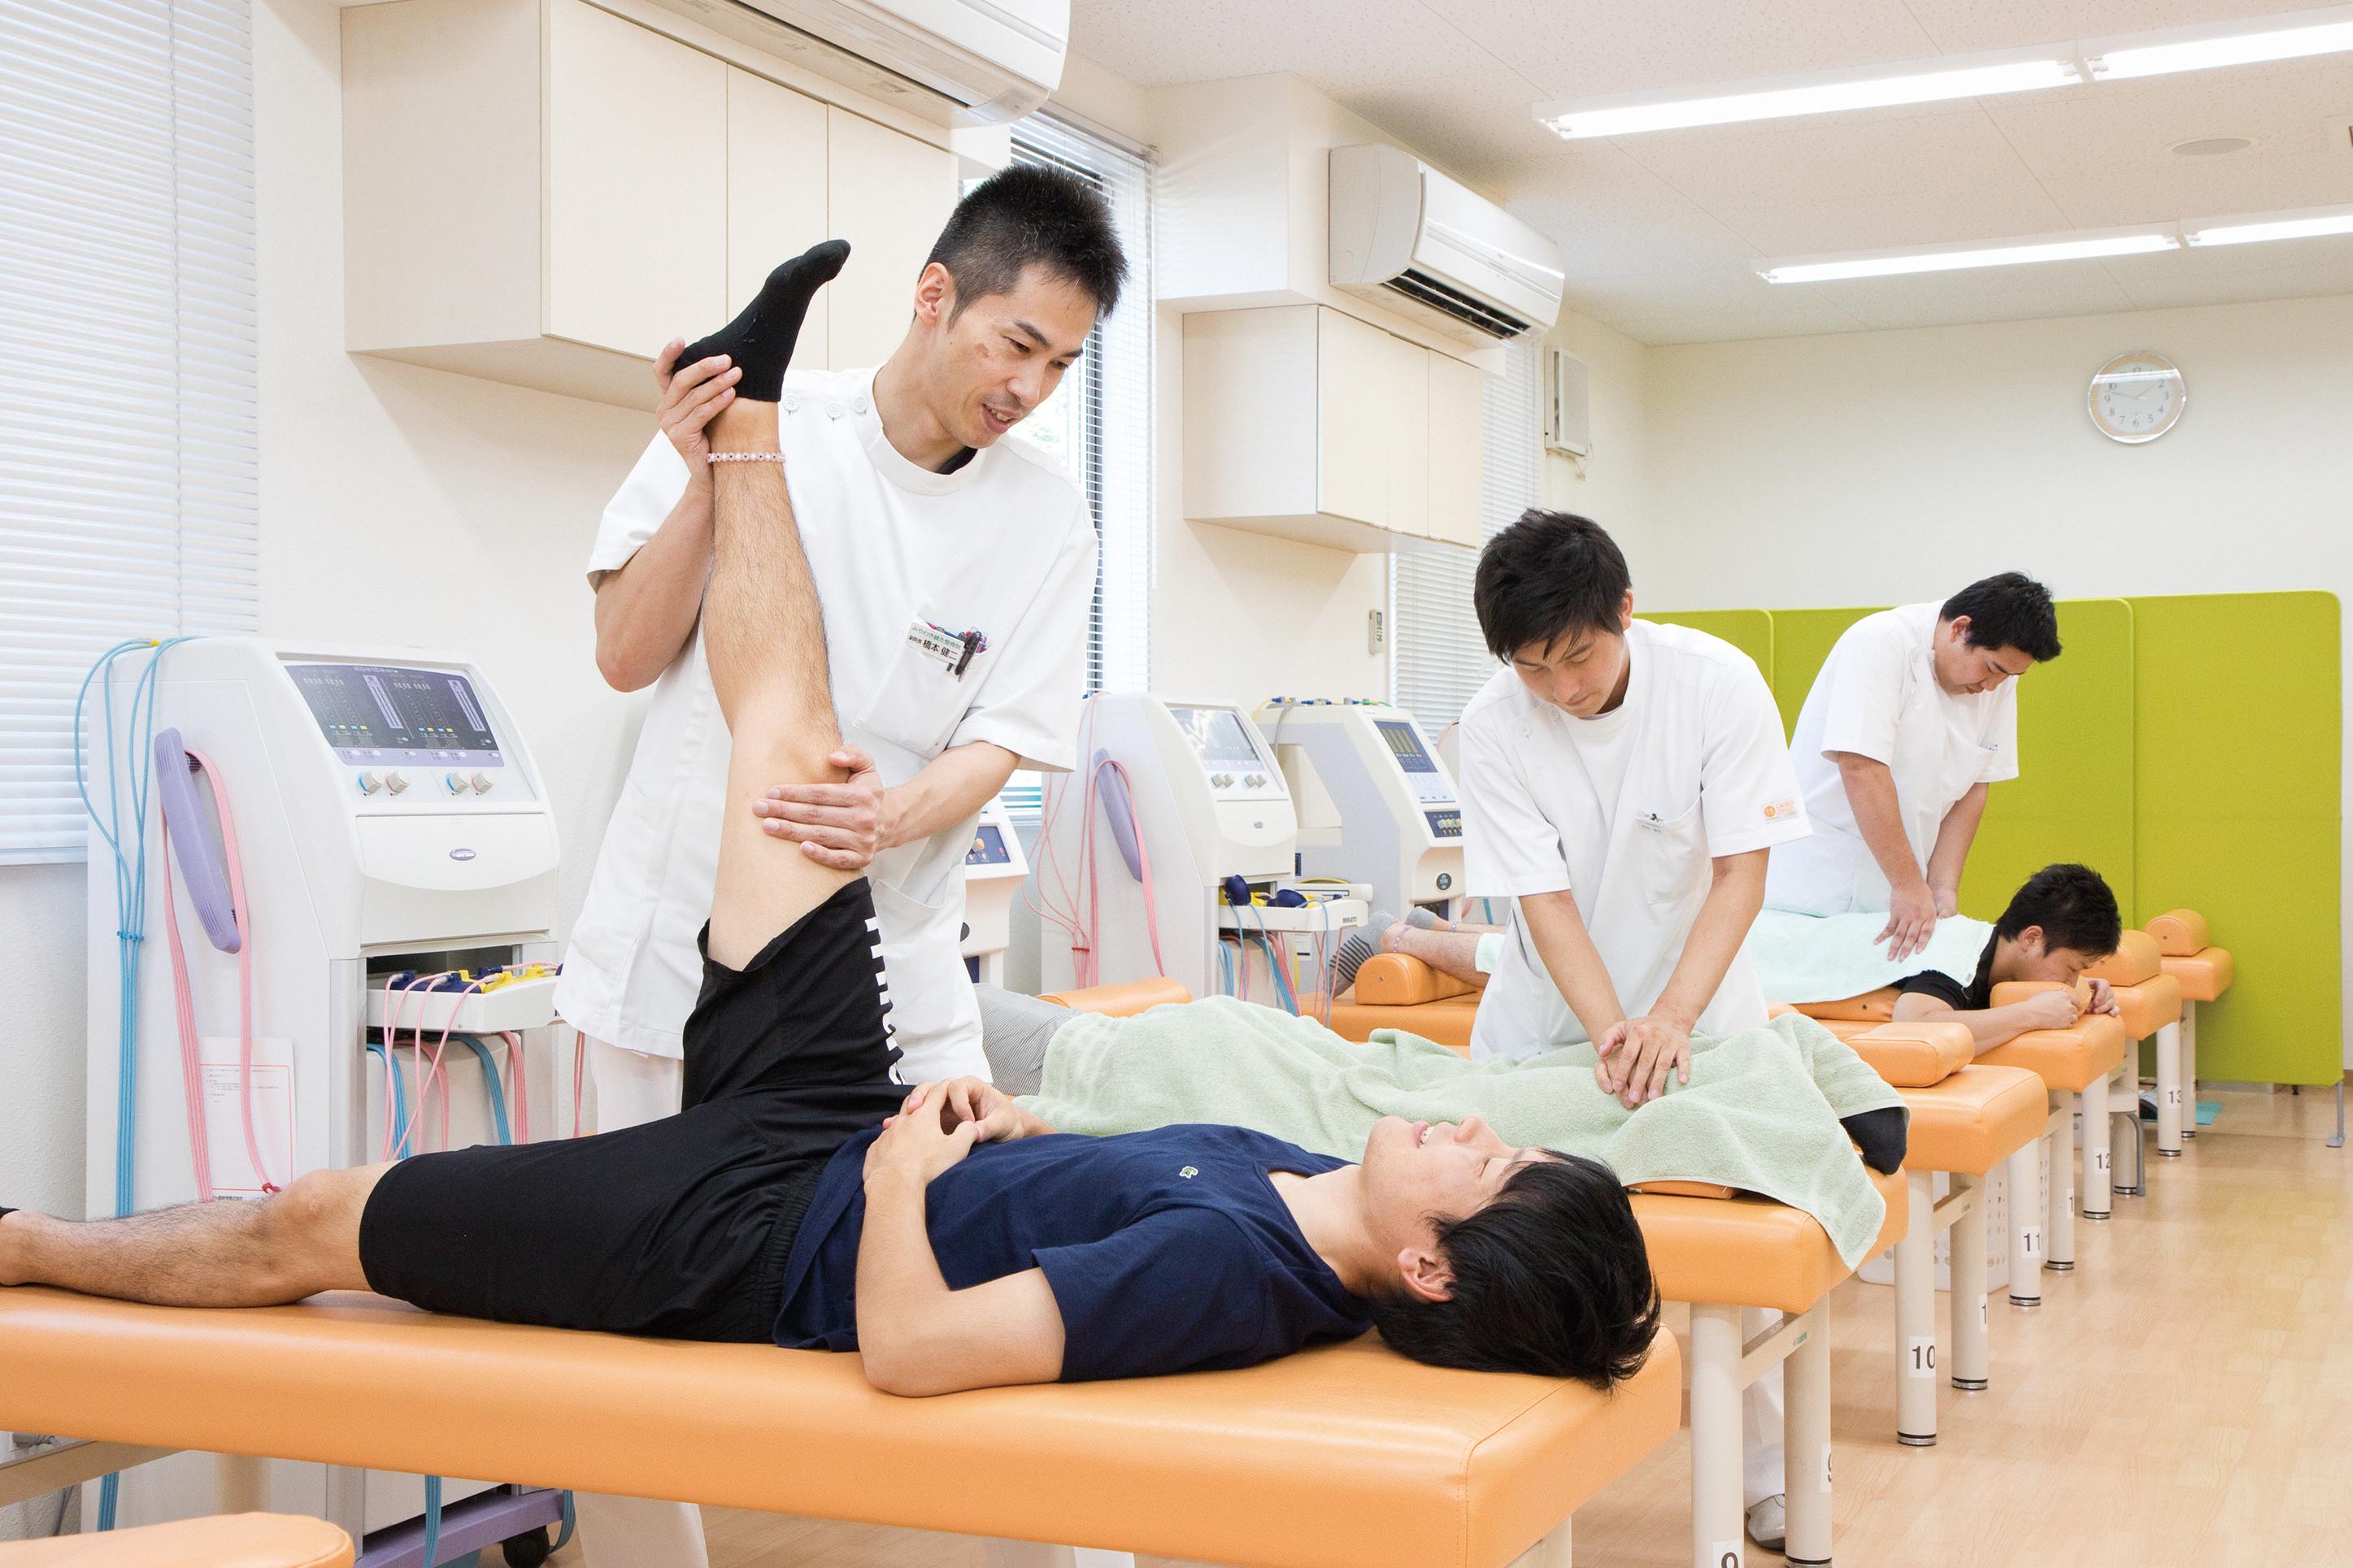 みやわき鍼灸整骨院